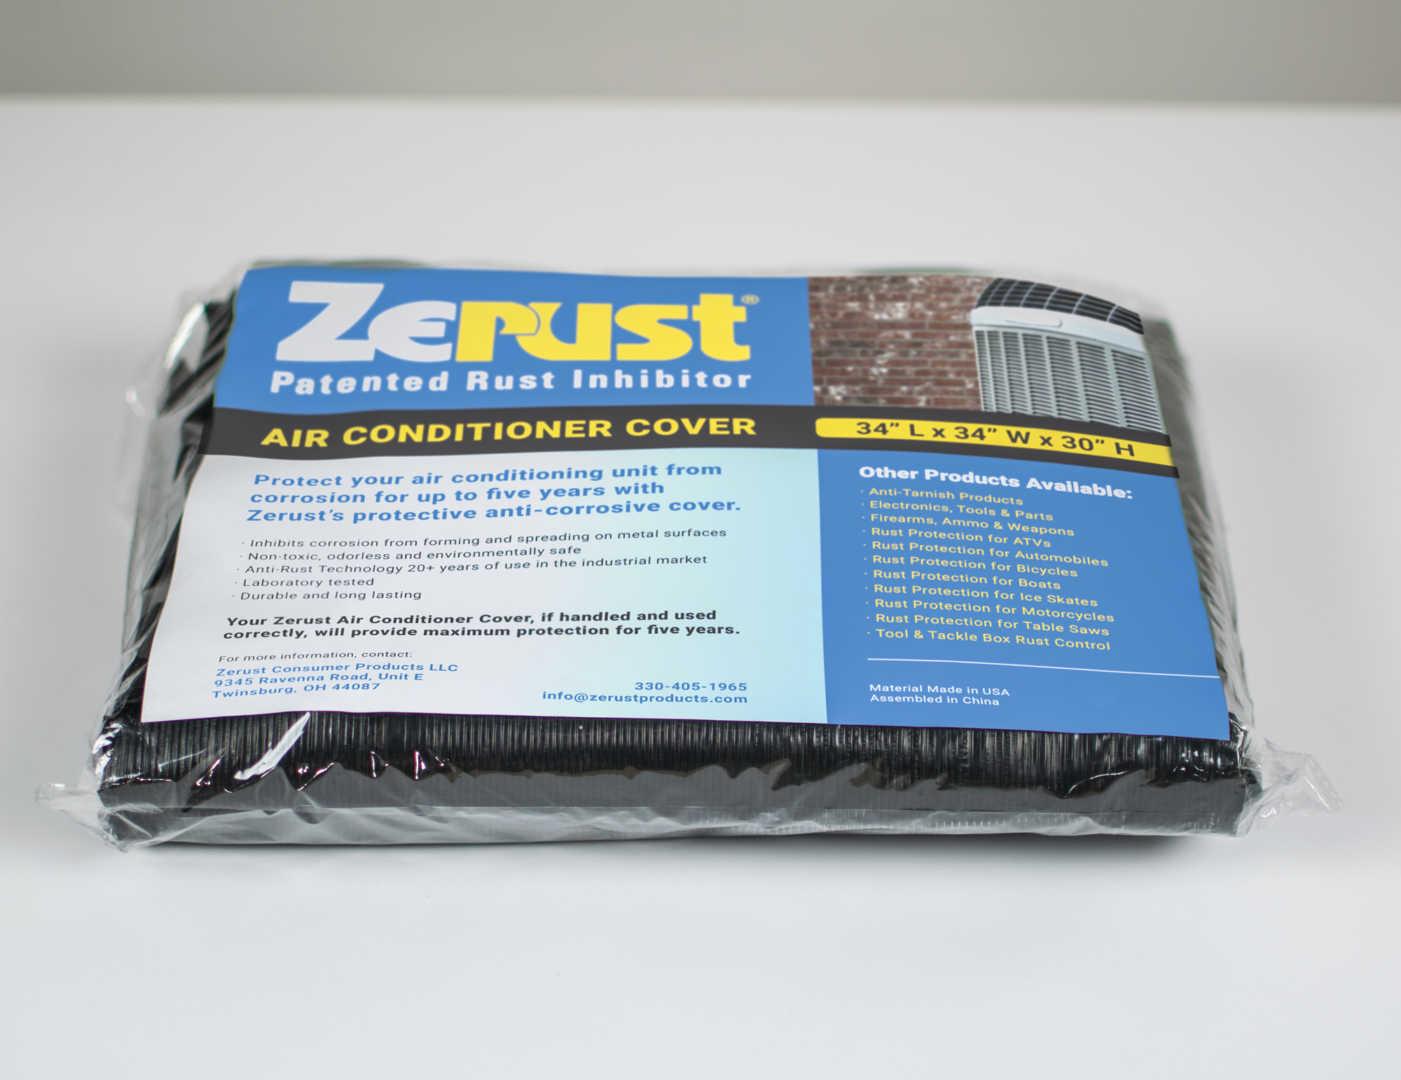 Zerust Air Conditioner Cover